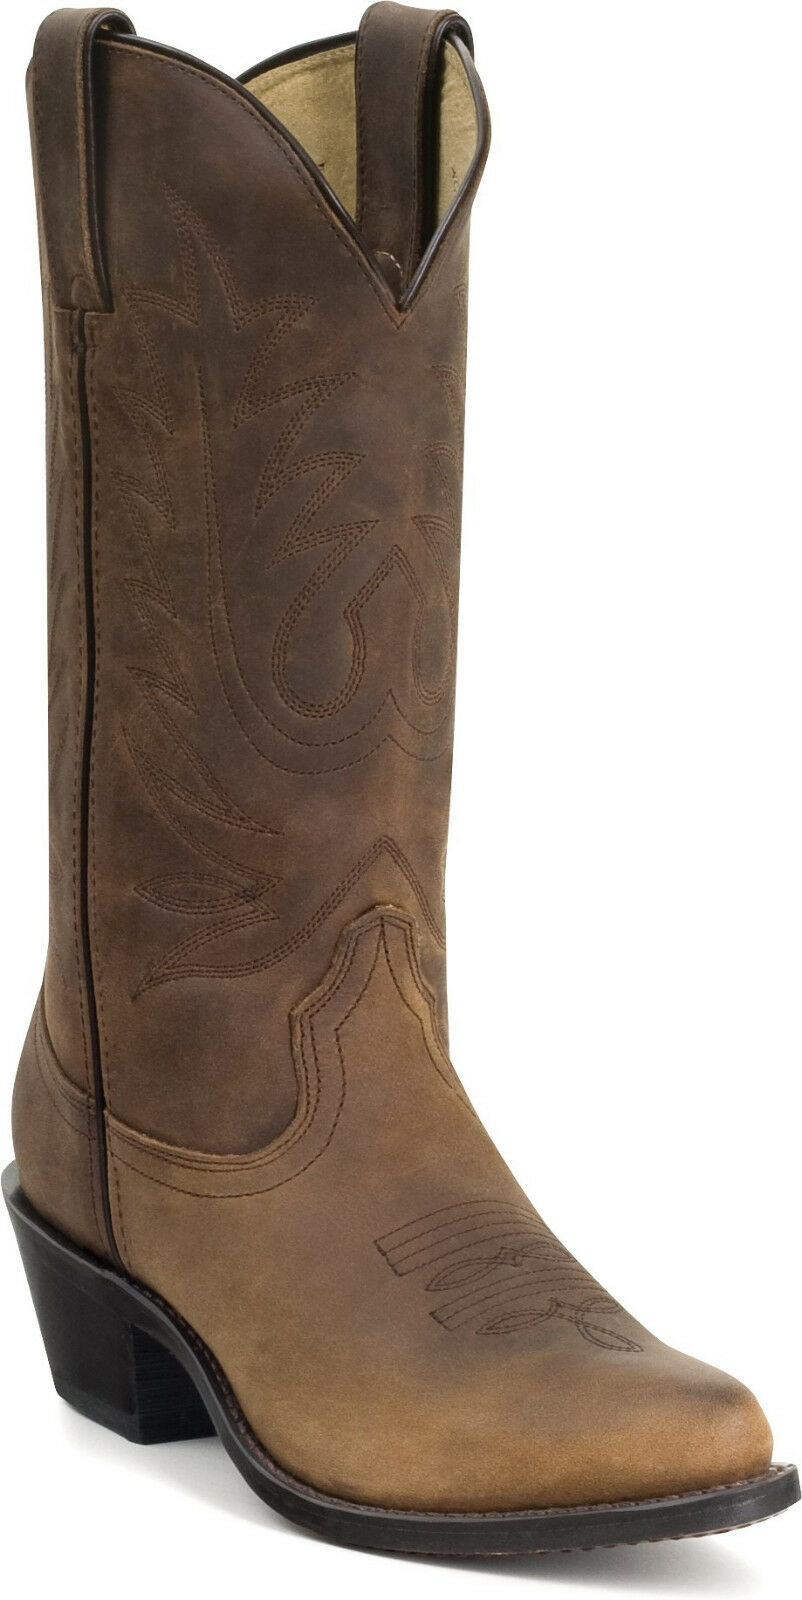 100% autentico Durango Donna  Western 11  Leather stivali Tan 2 2 2  Heal  RD4112 Dimensione 6-10  marchio famoso